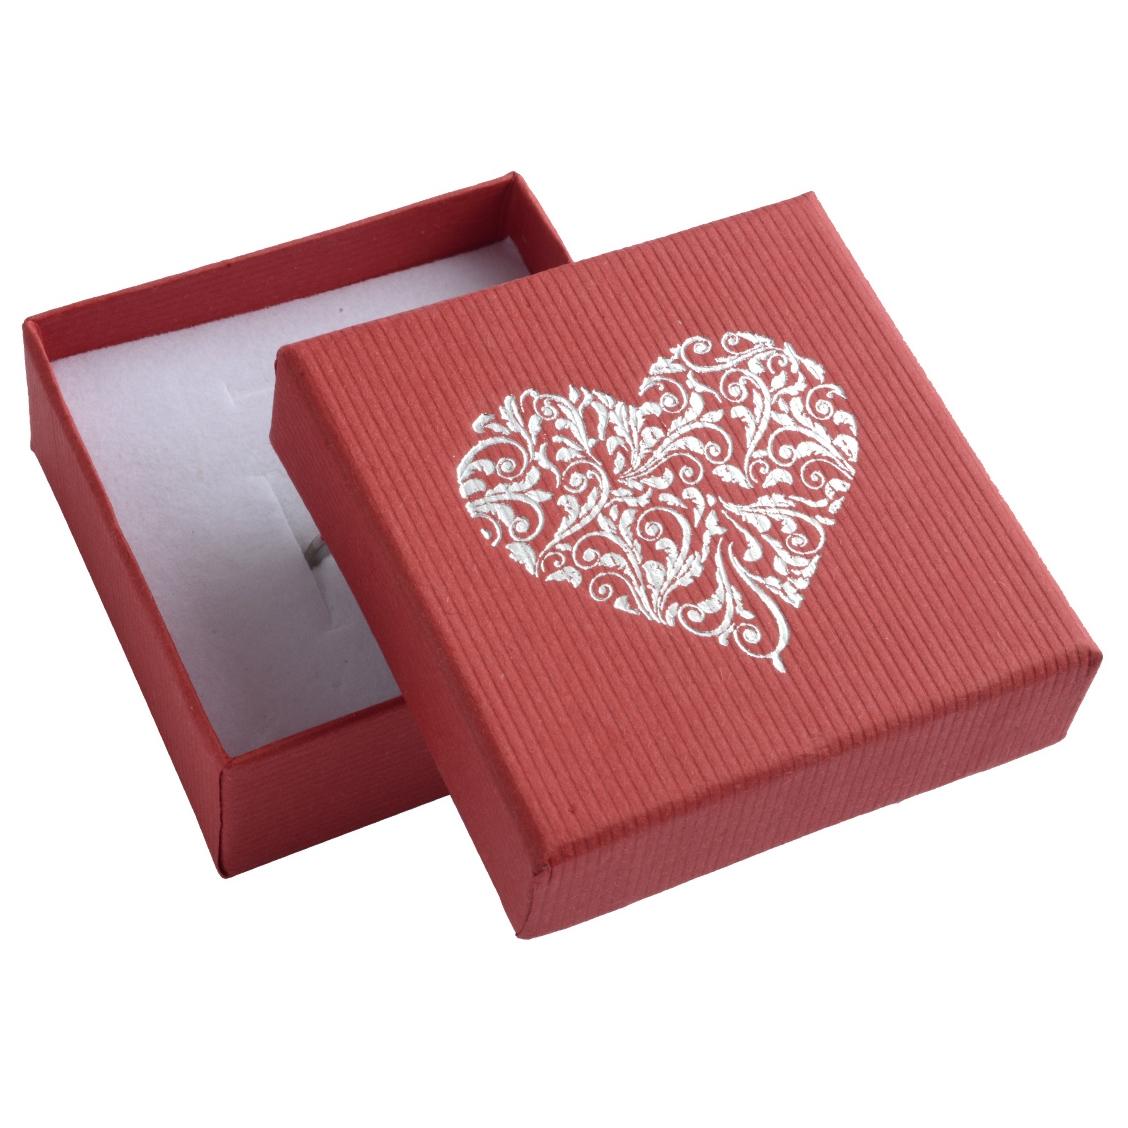 Červená darčeková krabička na súpravu šperkov s ornamentálnym srdcom